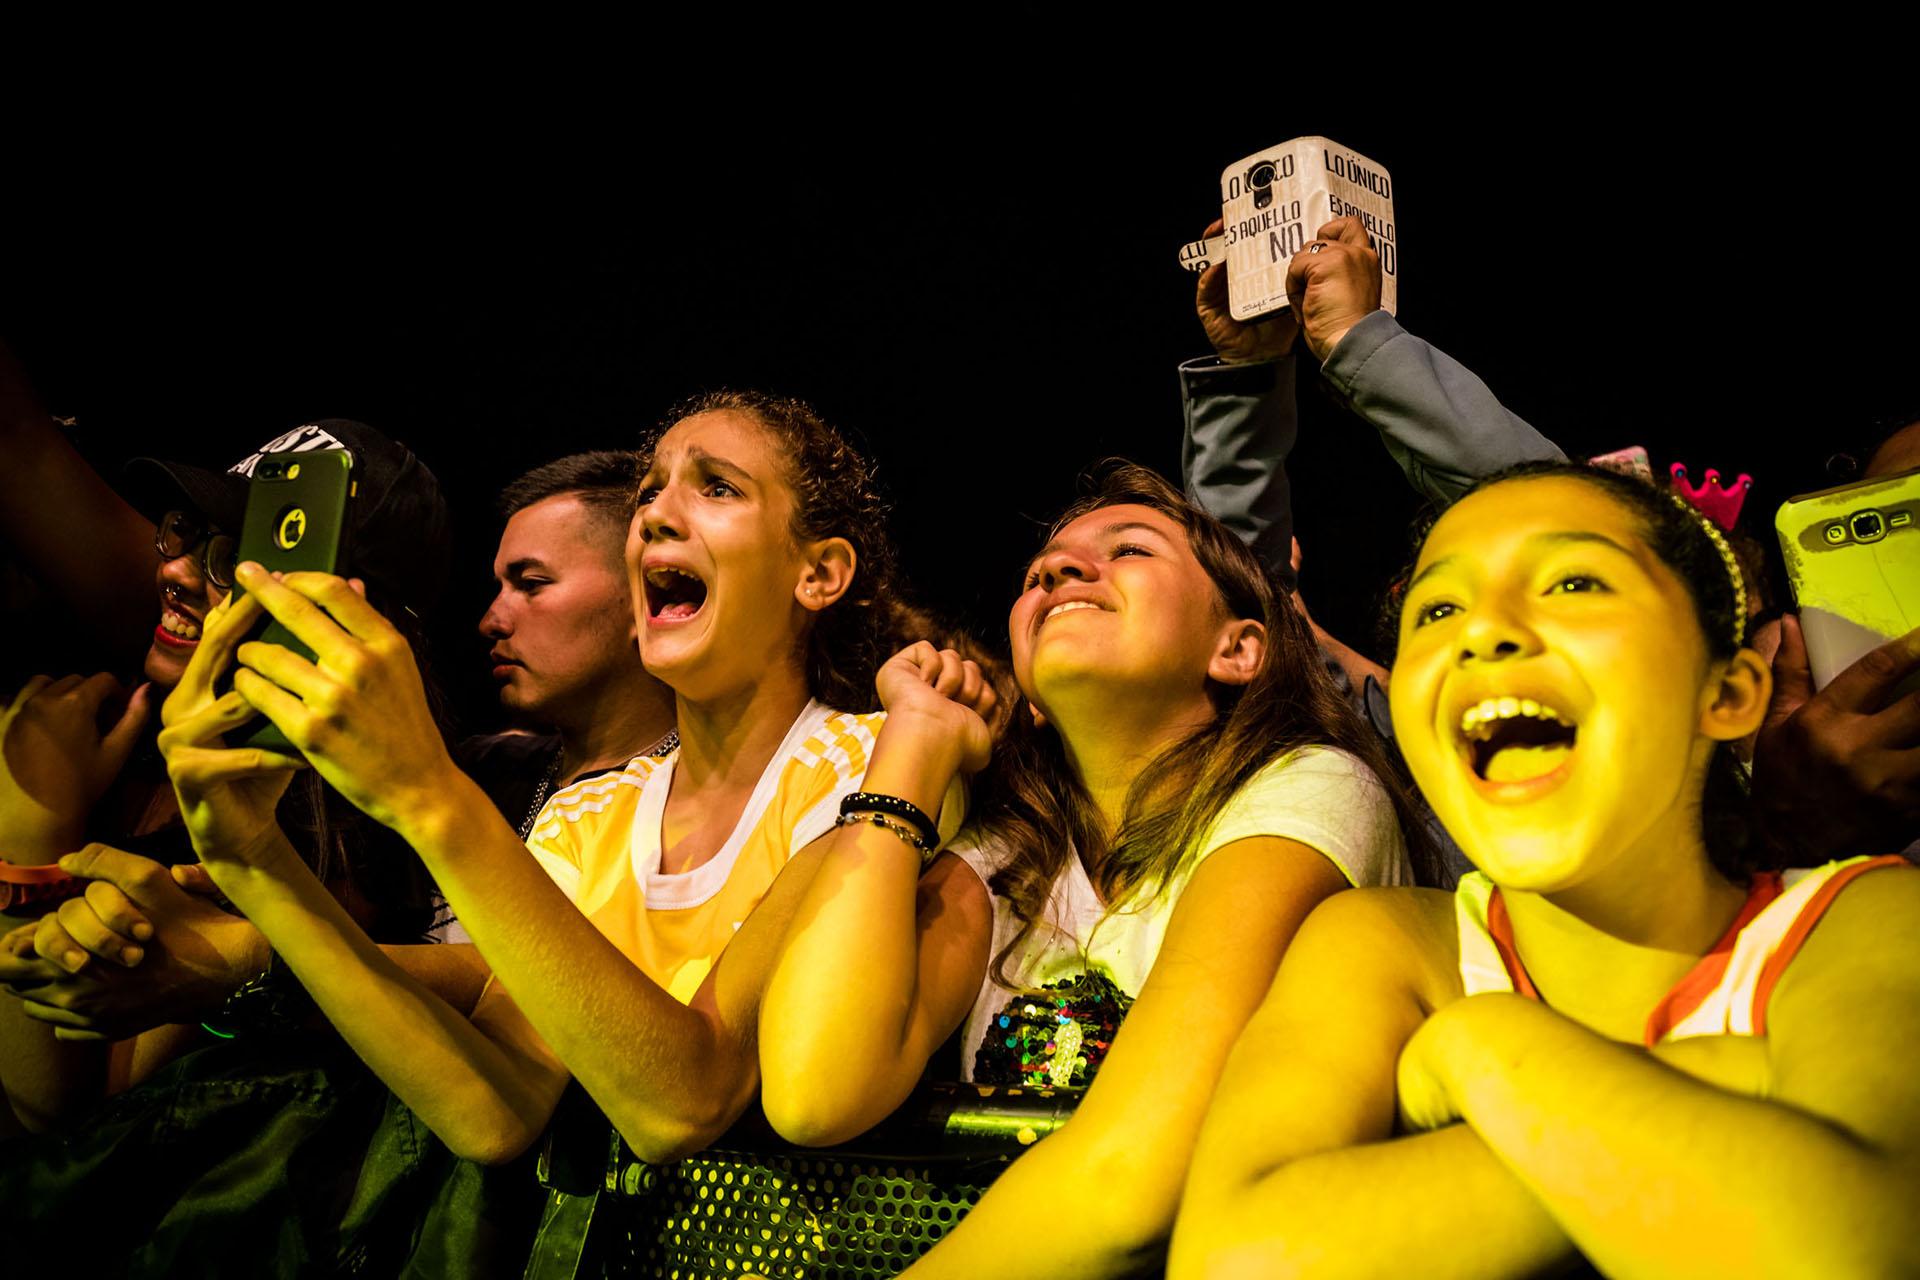 """La juventud estuvo para acompañar los actores de la novela de El Trece que fue un éxito en 2018. Miles de adolescentes los apoyaron recitando cada uno de los versos. """"Yo no soy esa Julieta"""", el tema de """"Simona"""", fue uno de los más emocionantes para los fanáticos"""